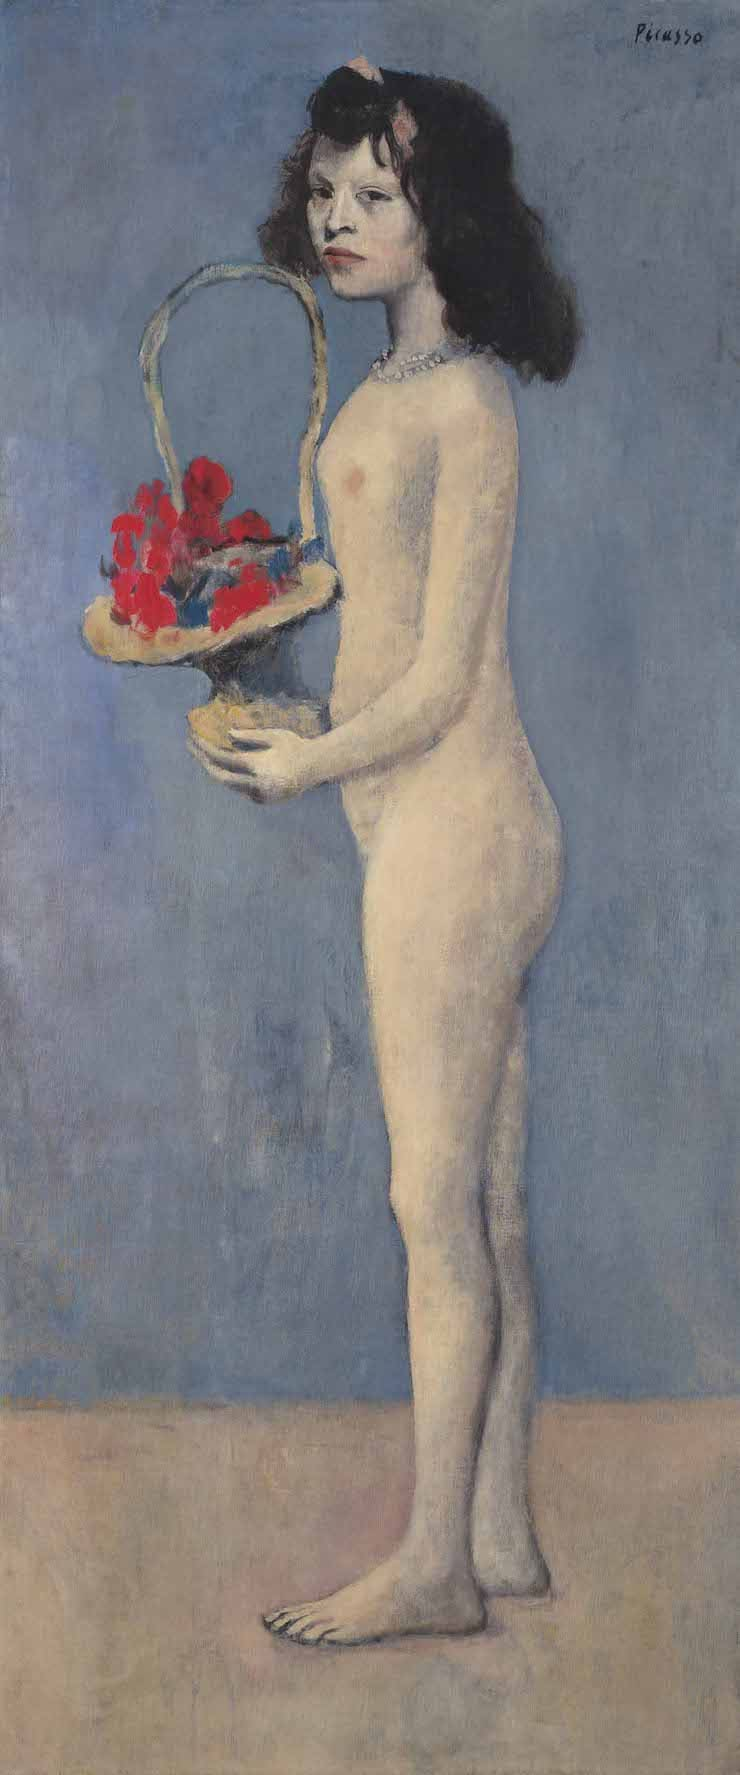 Молодая девушка с цветочной корзиной, Пабло Пикассо